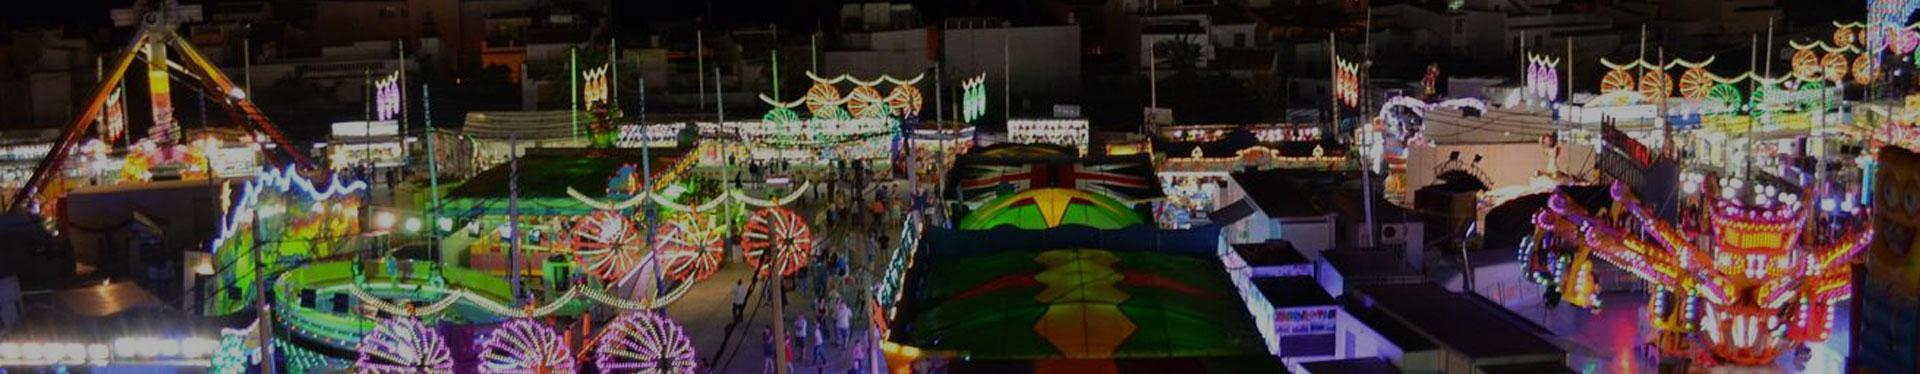 Feria de nerja 2017 una de las fiestas m s importantes for Oficina de turismo nerja